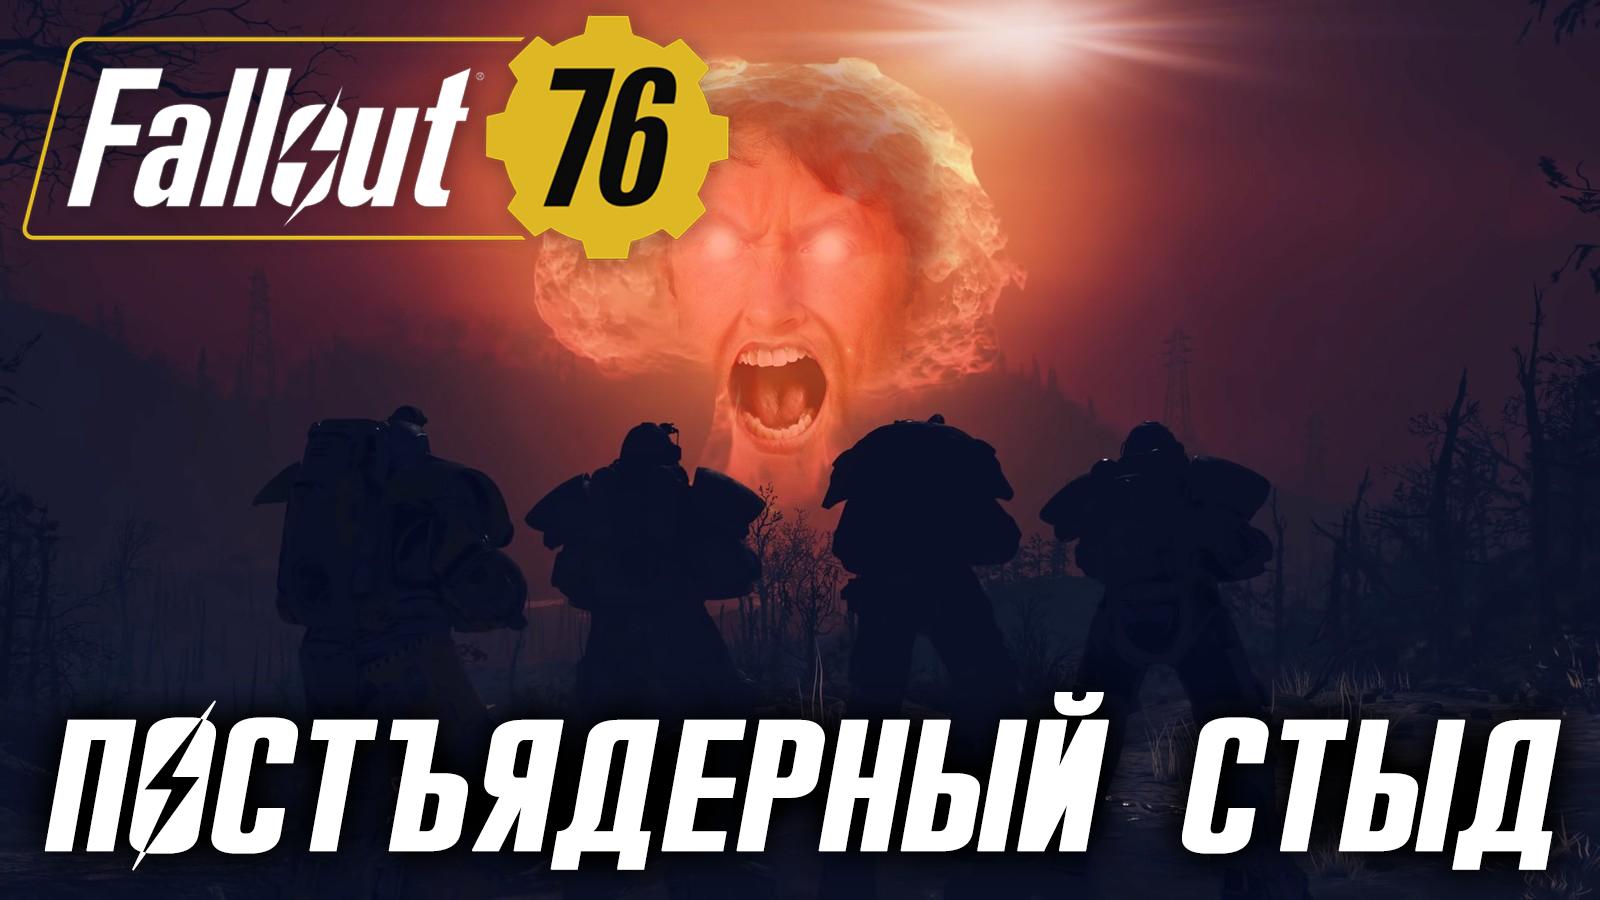 Не покупайте Fallout 76 | Постъядерный стыд. - Изображение 1